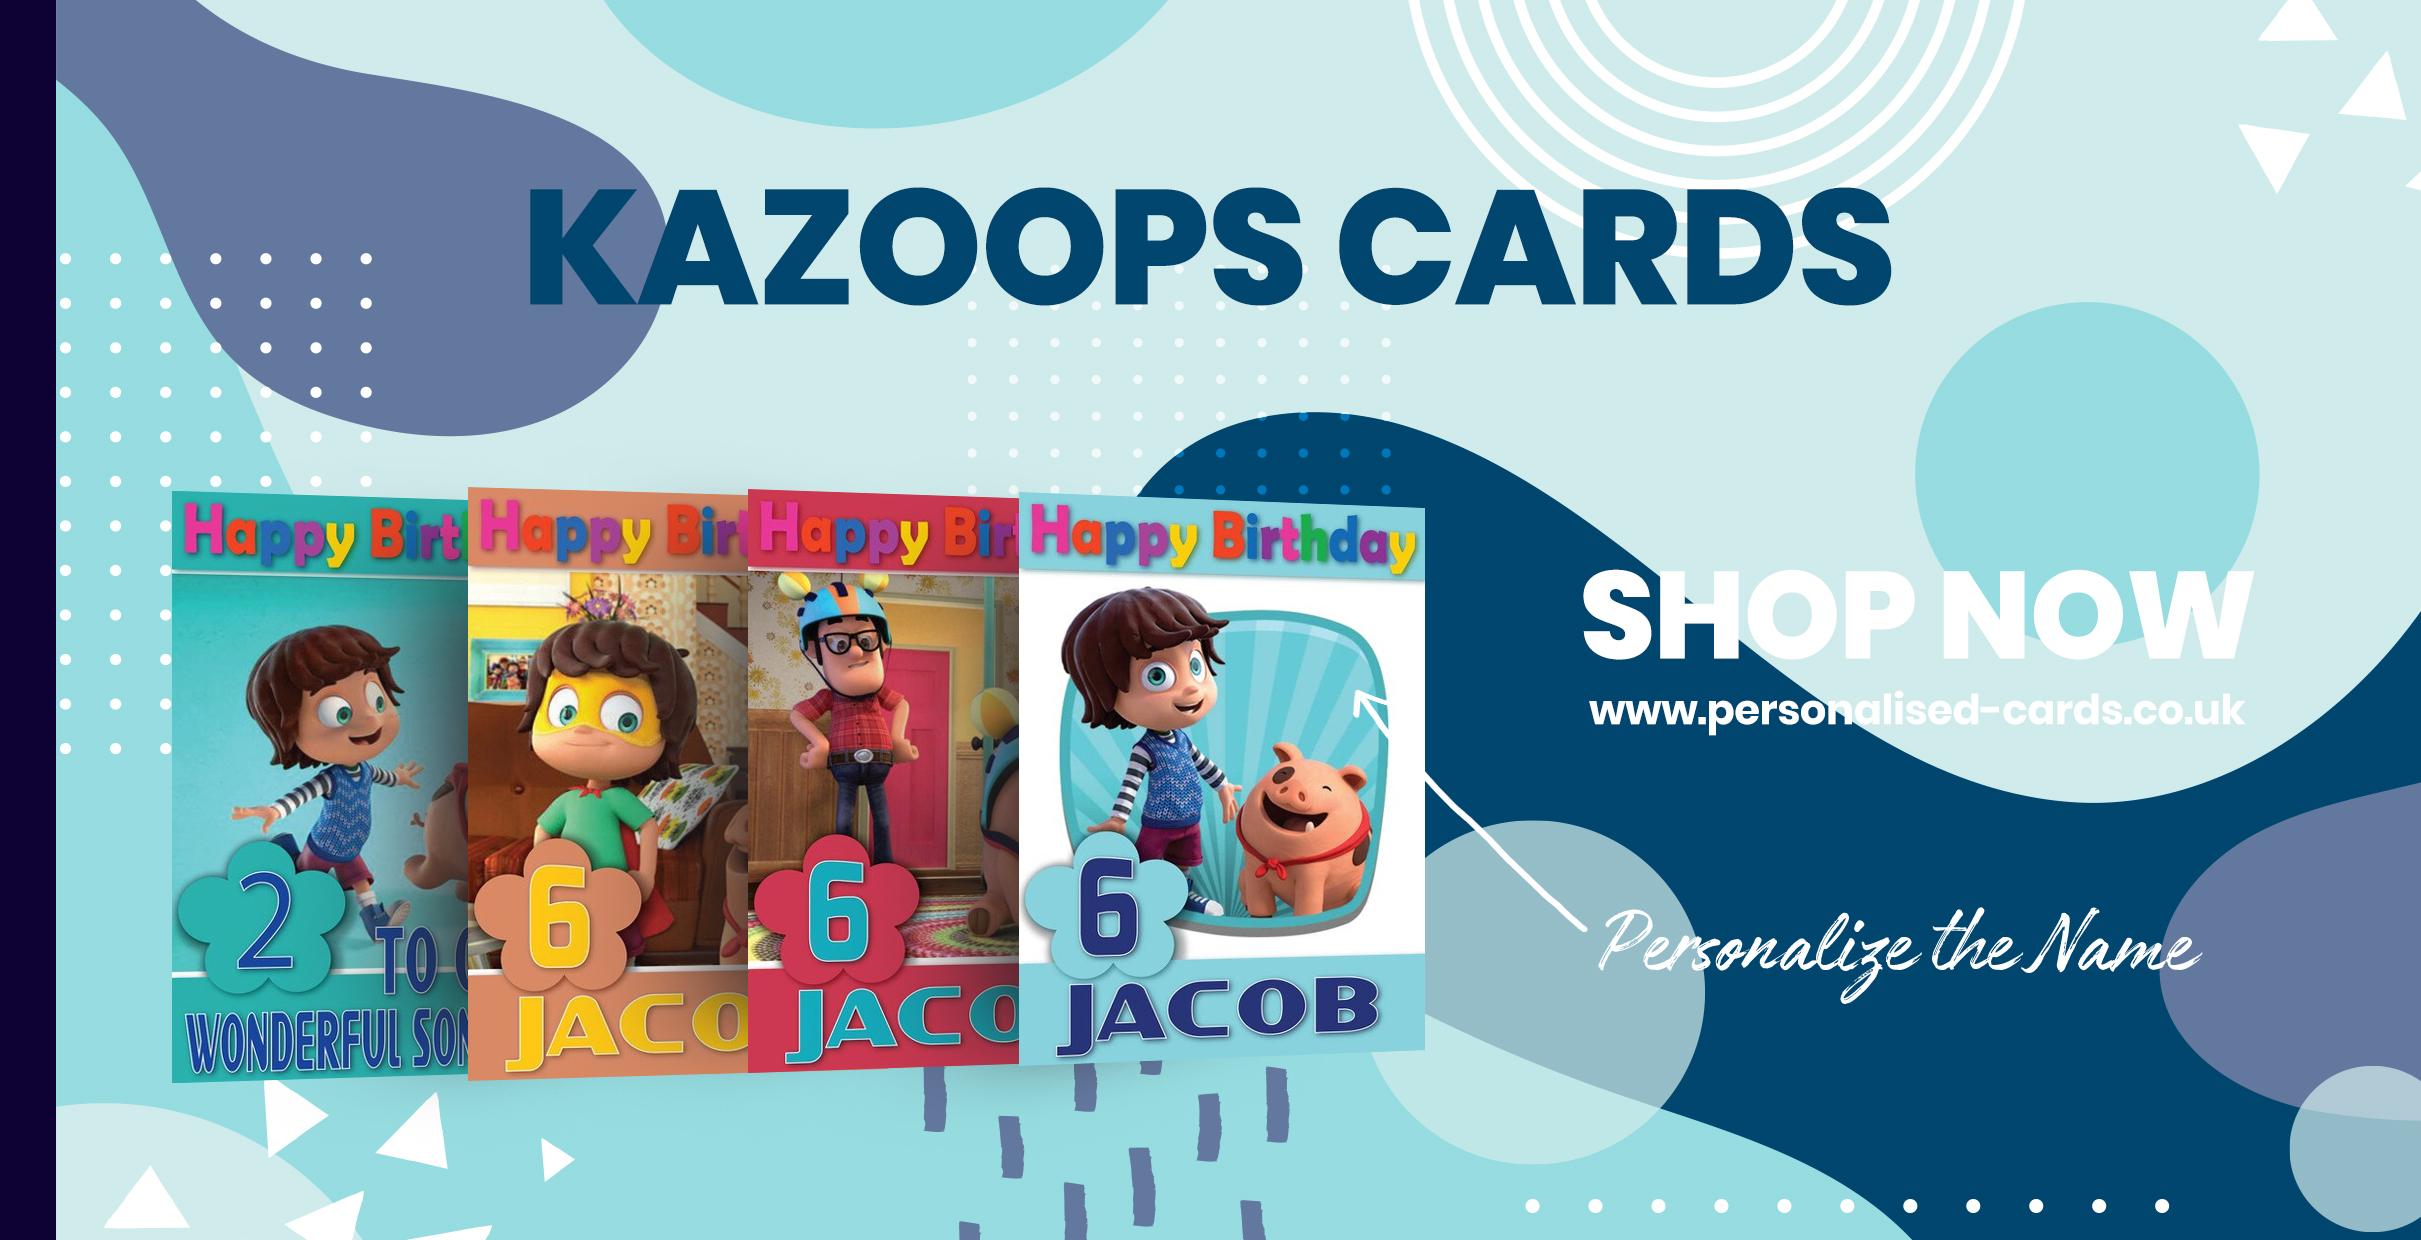 kazoops-cards.jpg